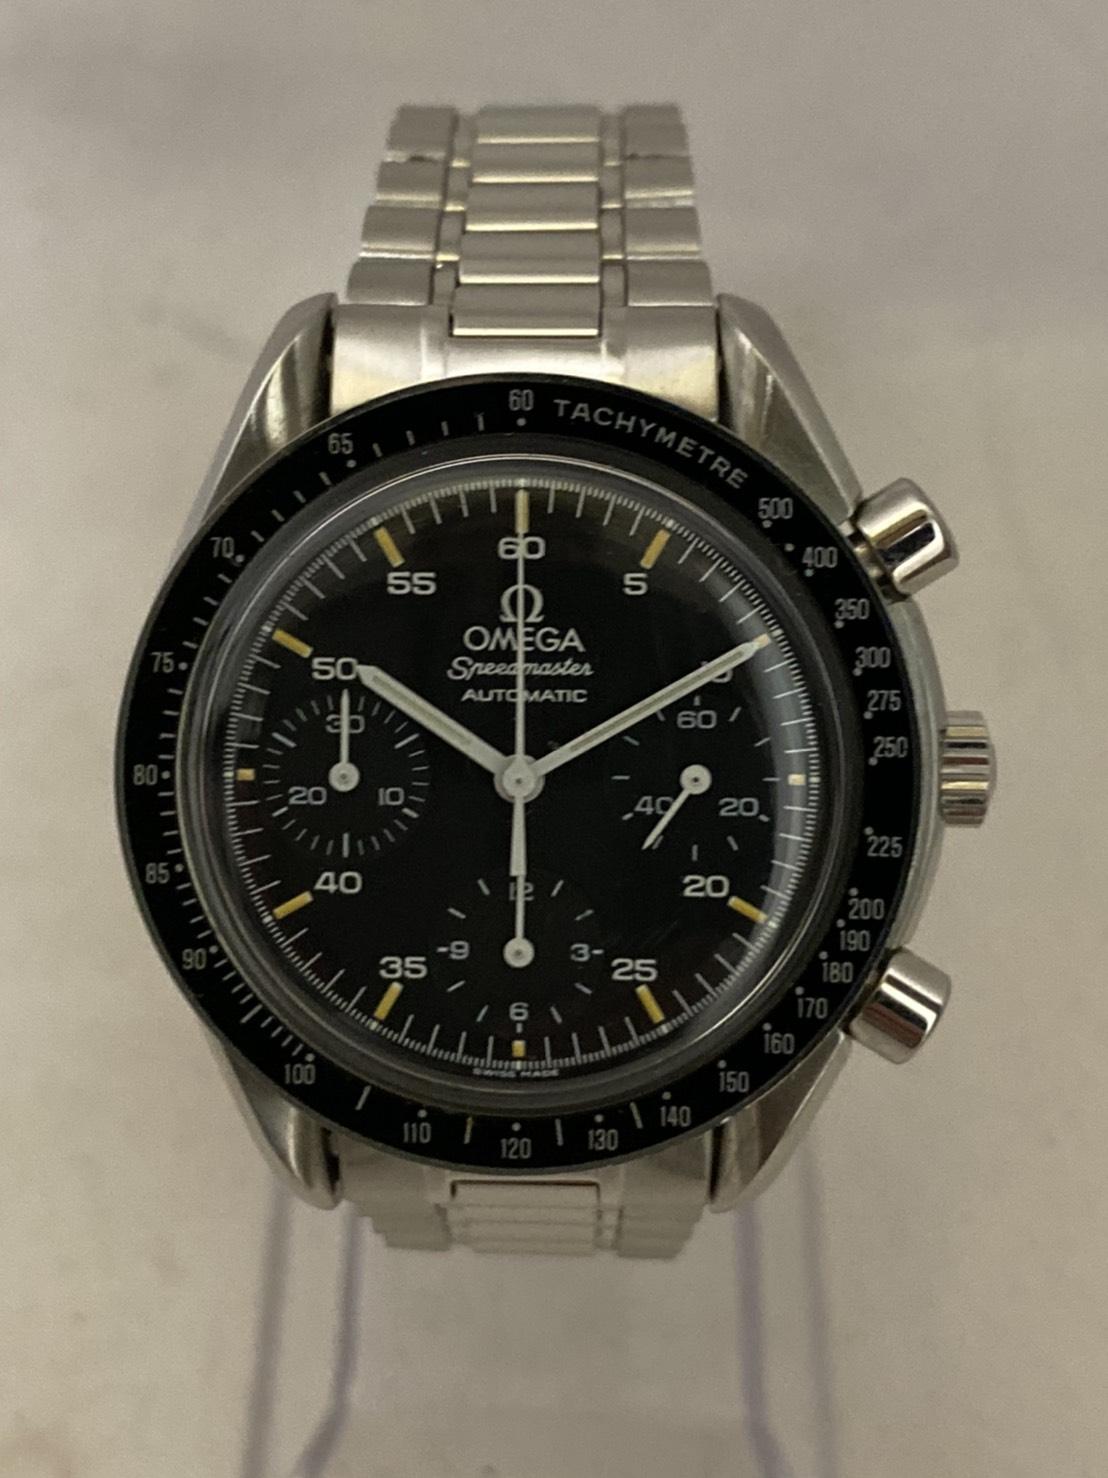 ブランド「オメガ」商品名「スピードマスター」型番「3510.50」カラー「ブラック」